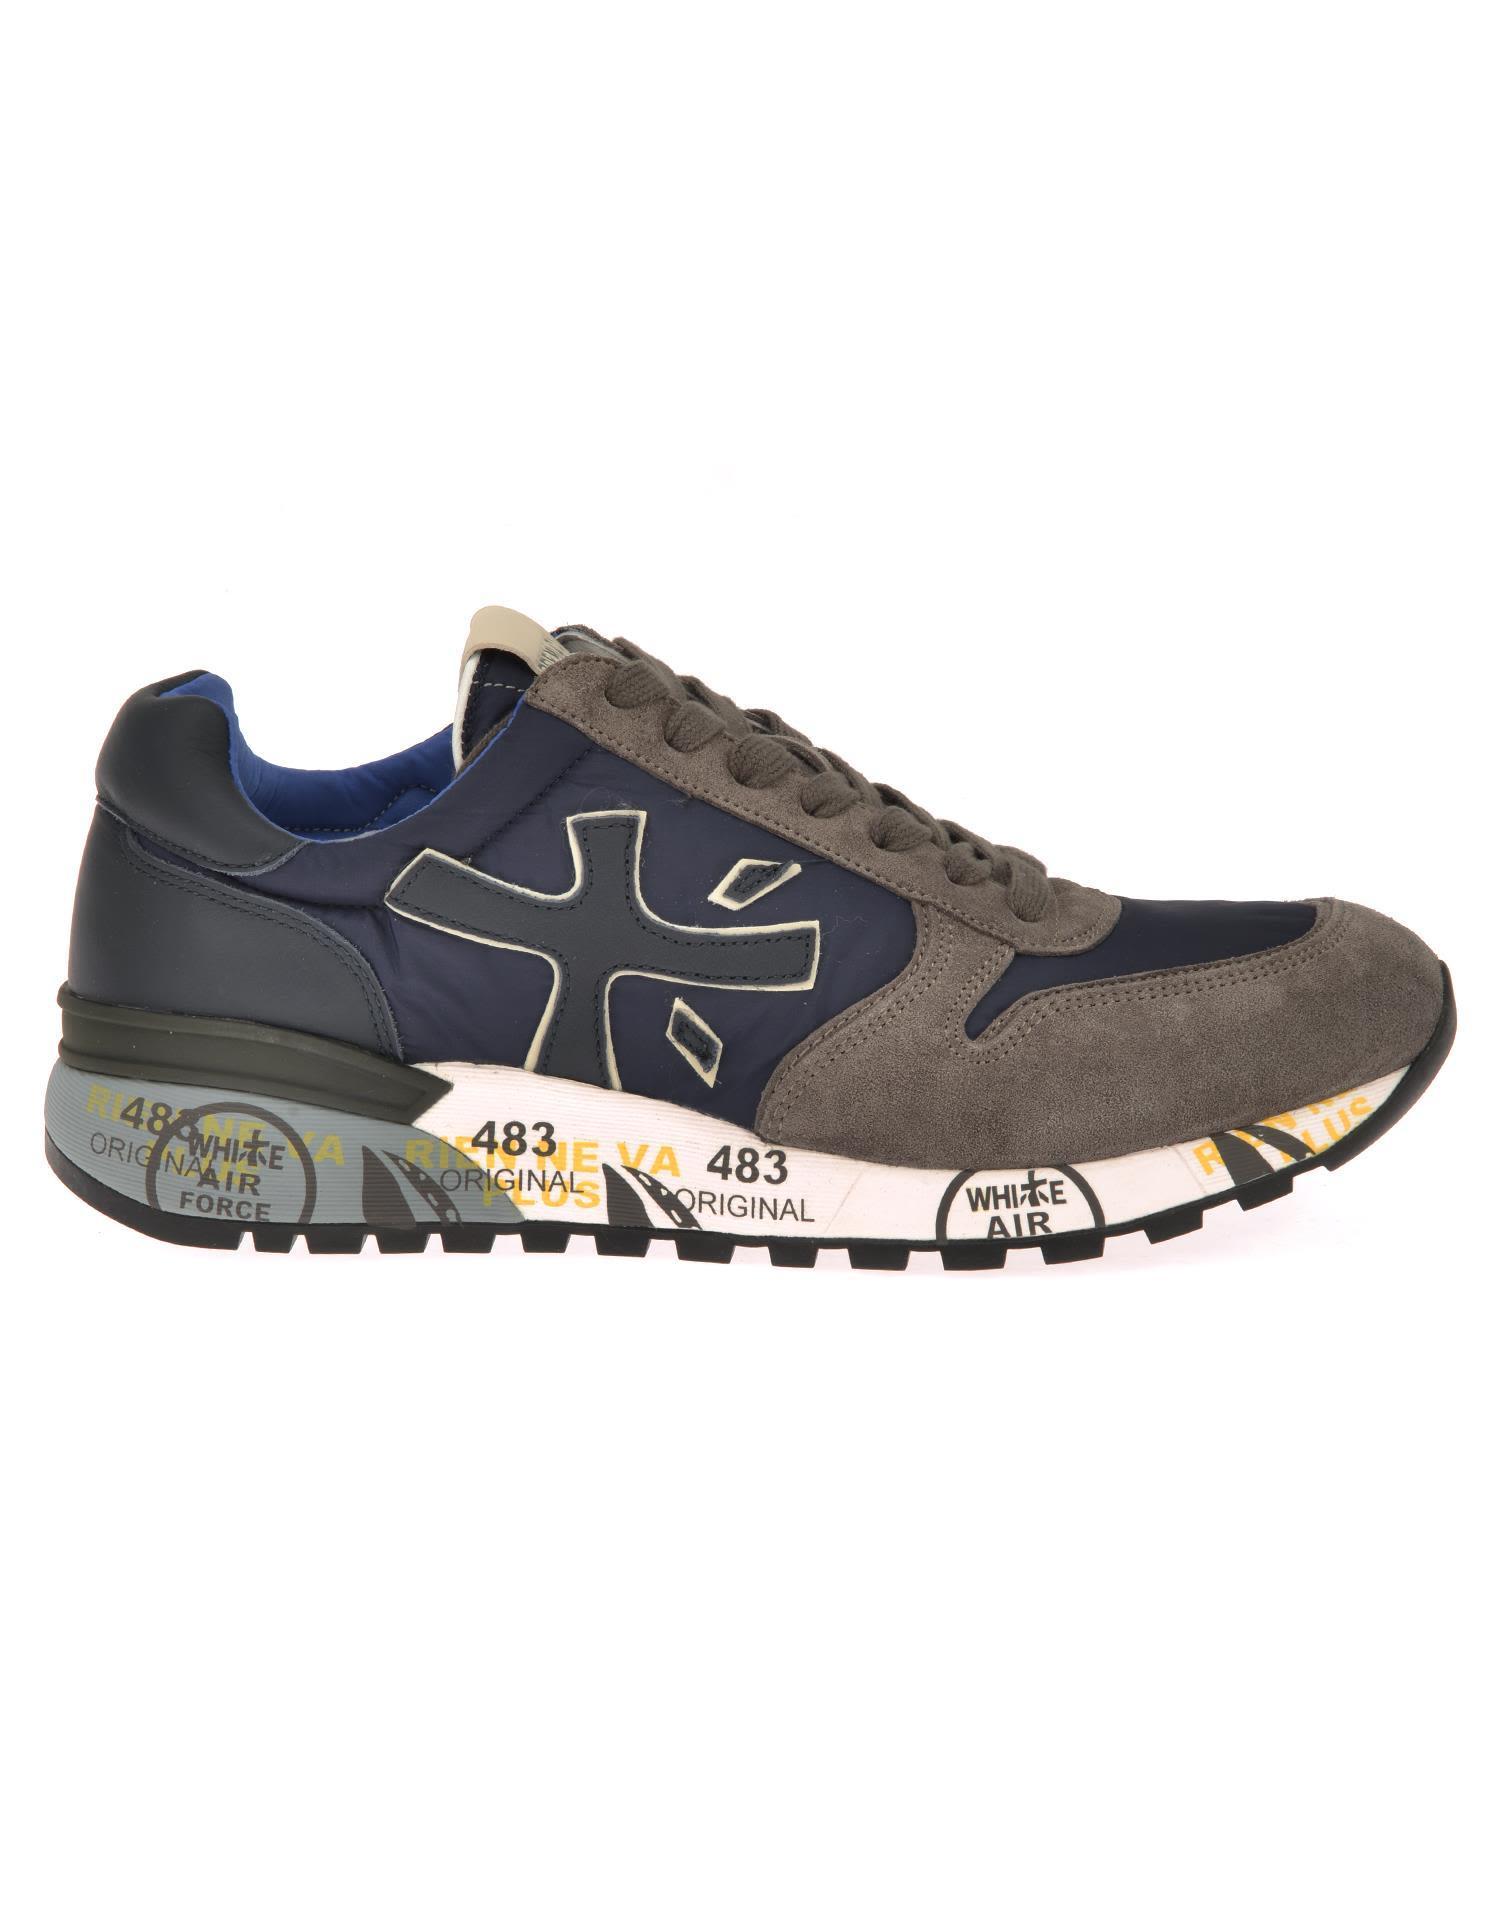 White Premiata Mick Sneaker In Blue